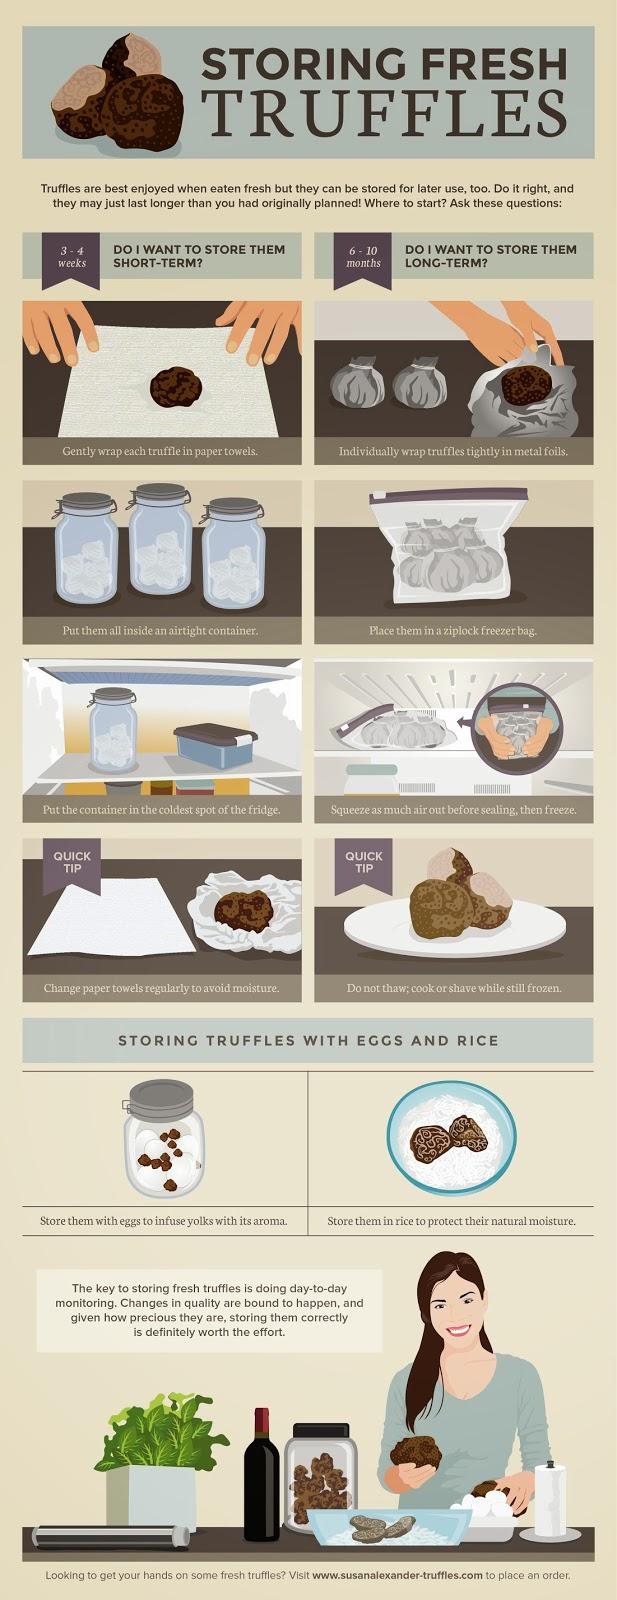 storing-fresh-truffles